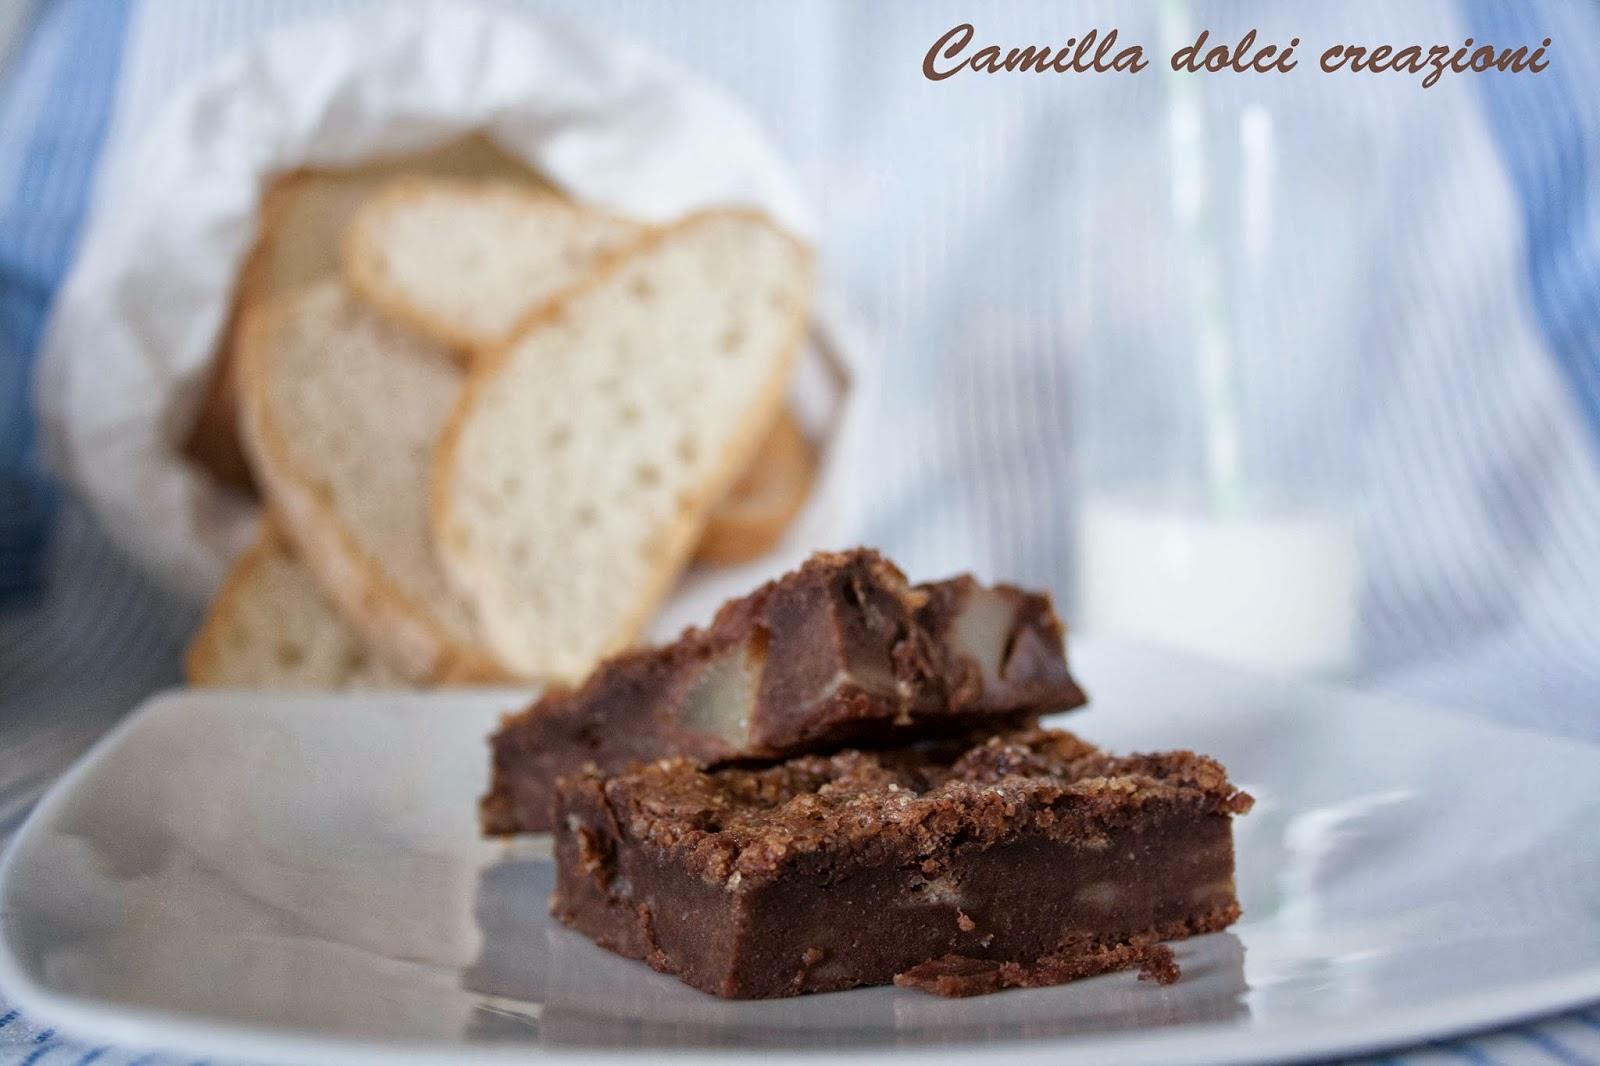 Camilla dolci creazioni un dolce riciclo - Dolce forno gioco ...